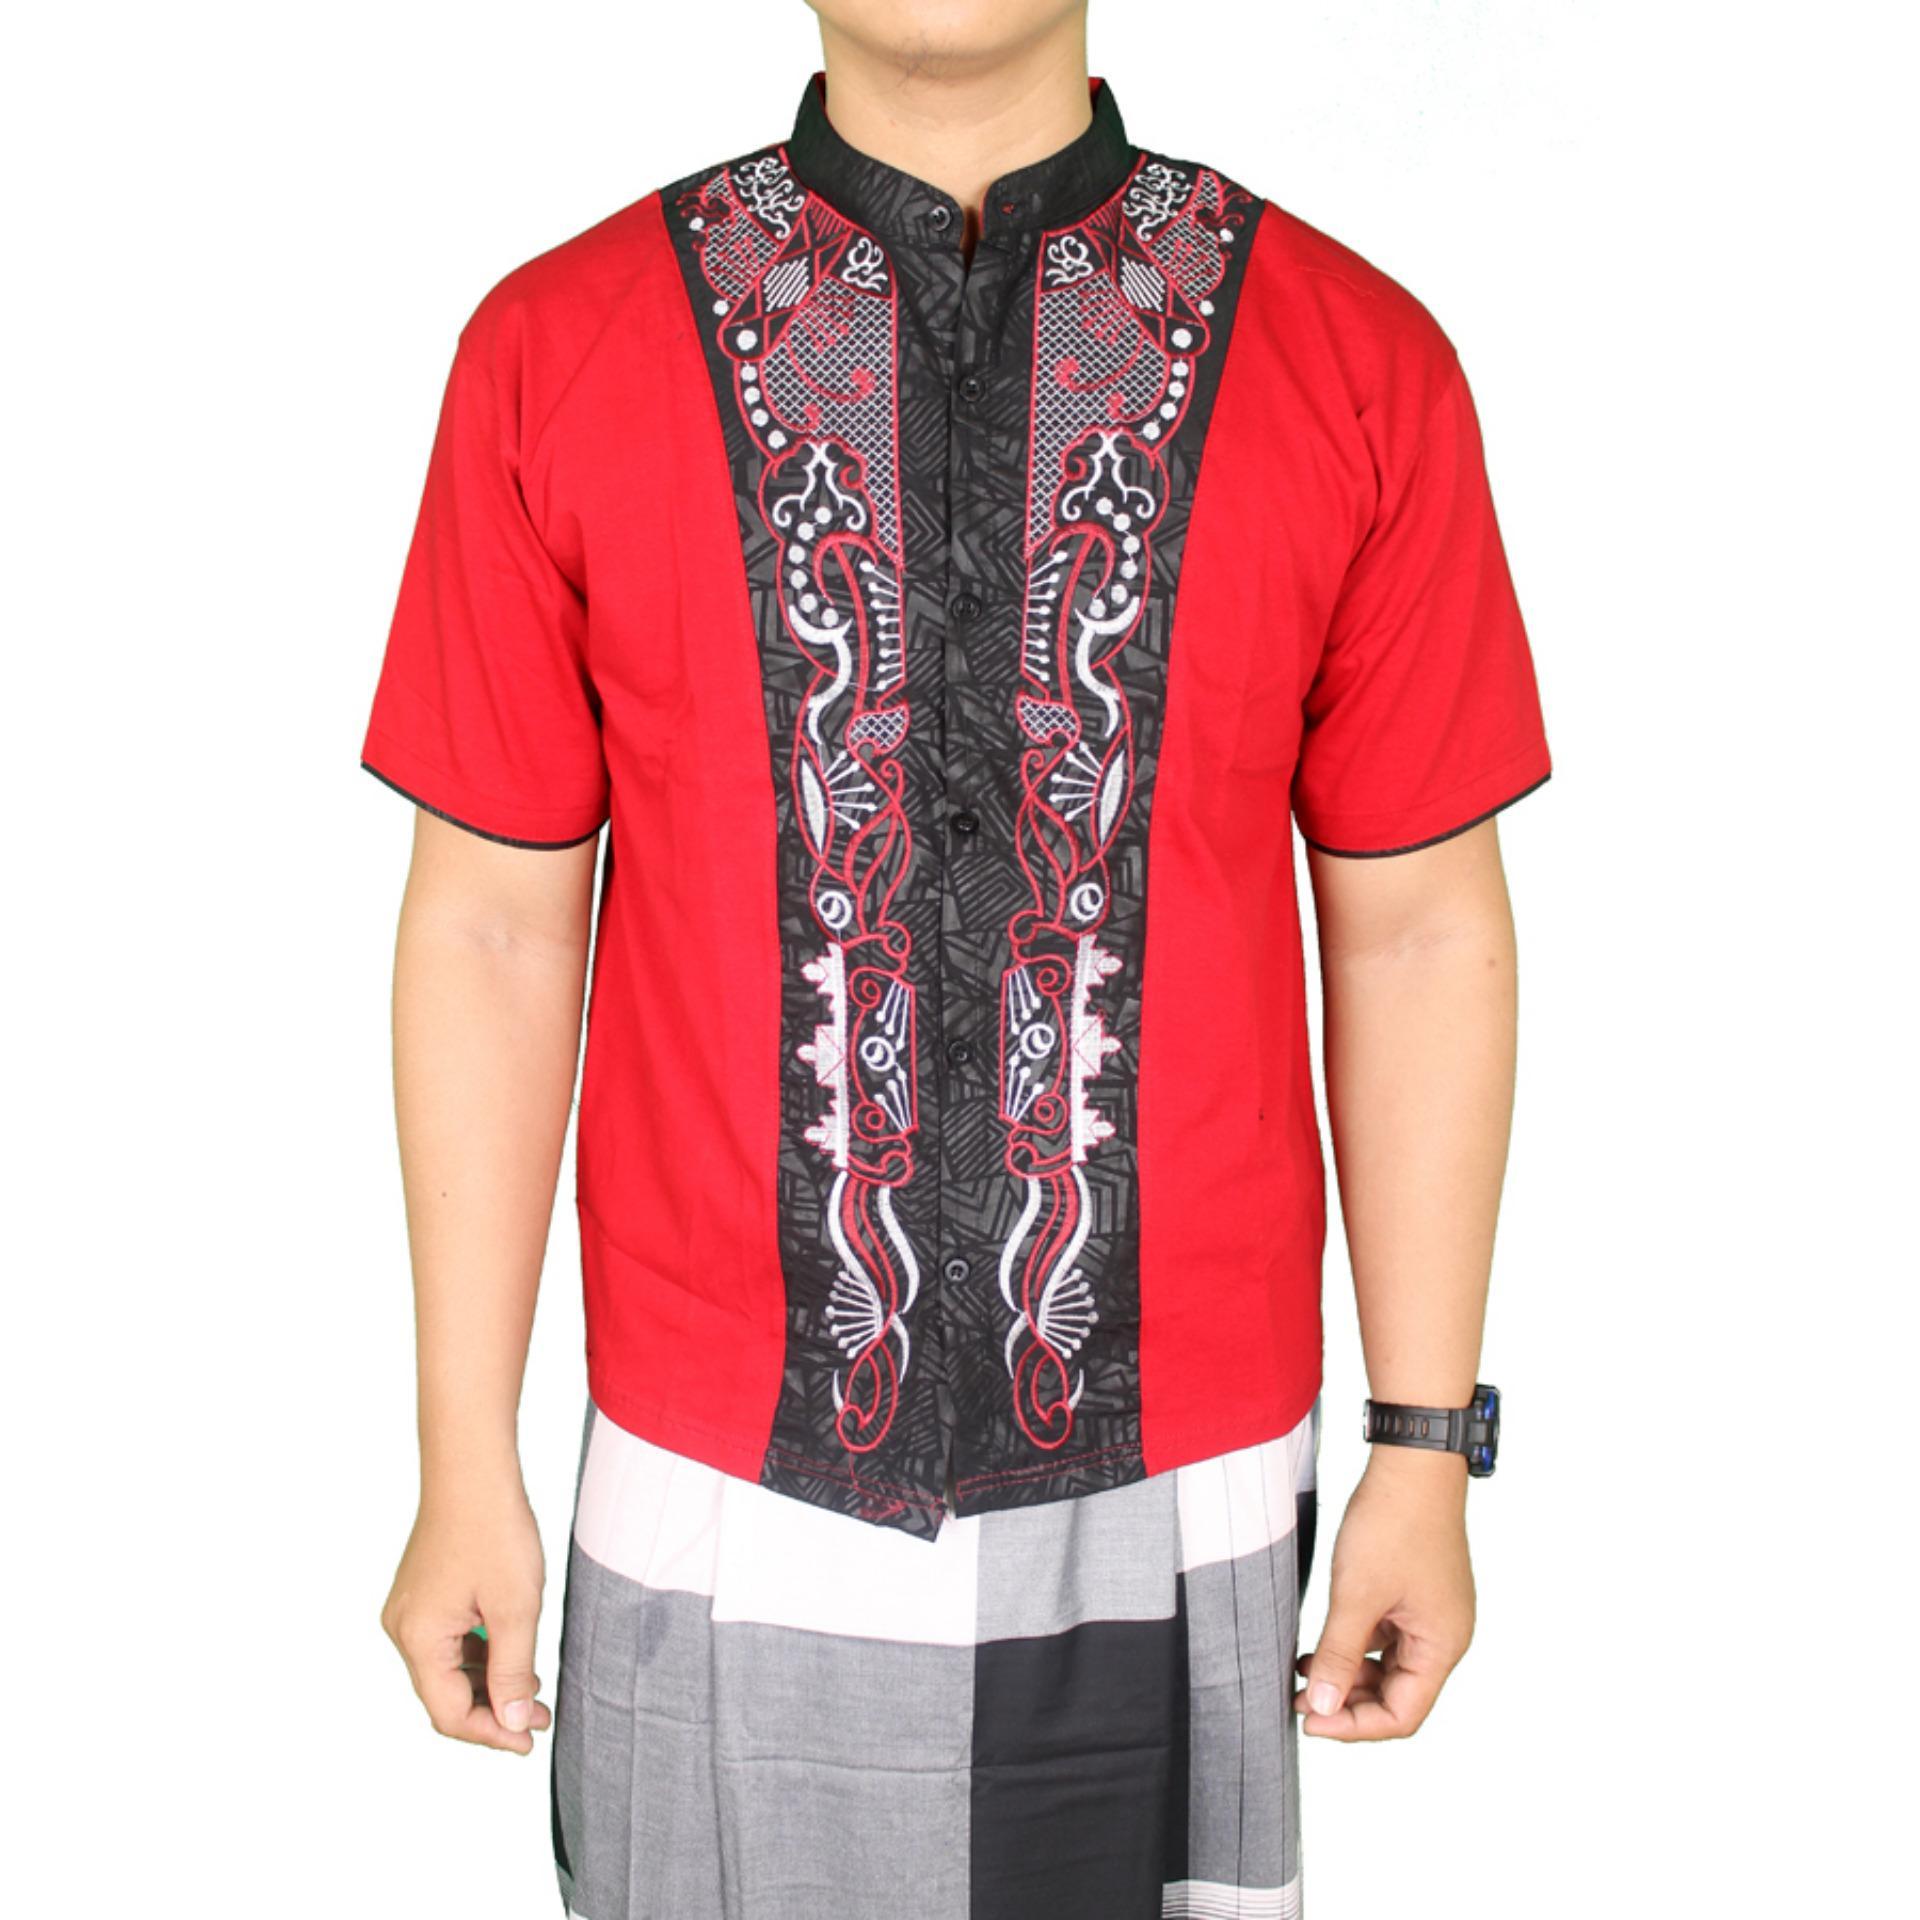 Gudang Fashion Kemeja Muslim Pria Pendek Bordir Tengah Merah